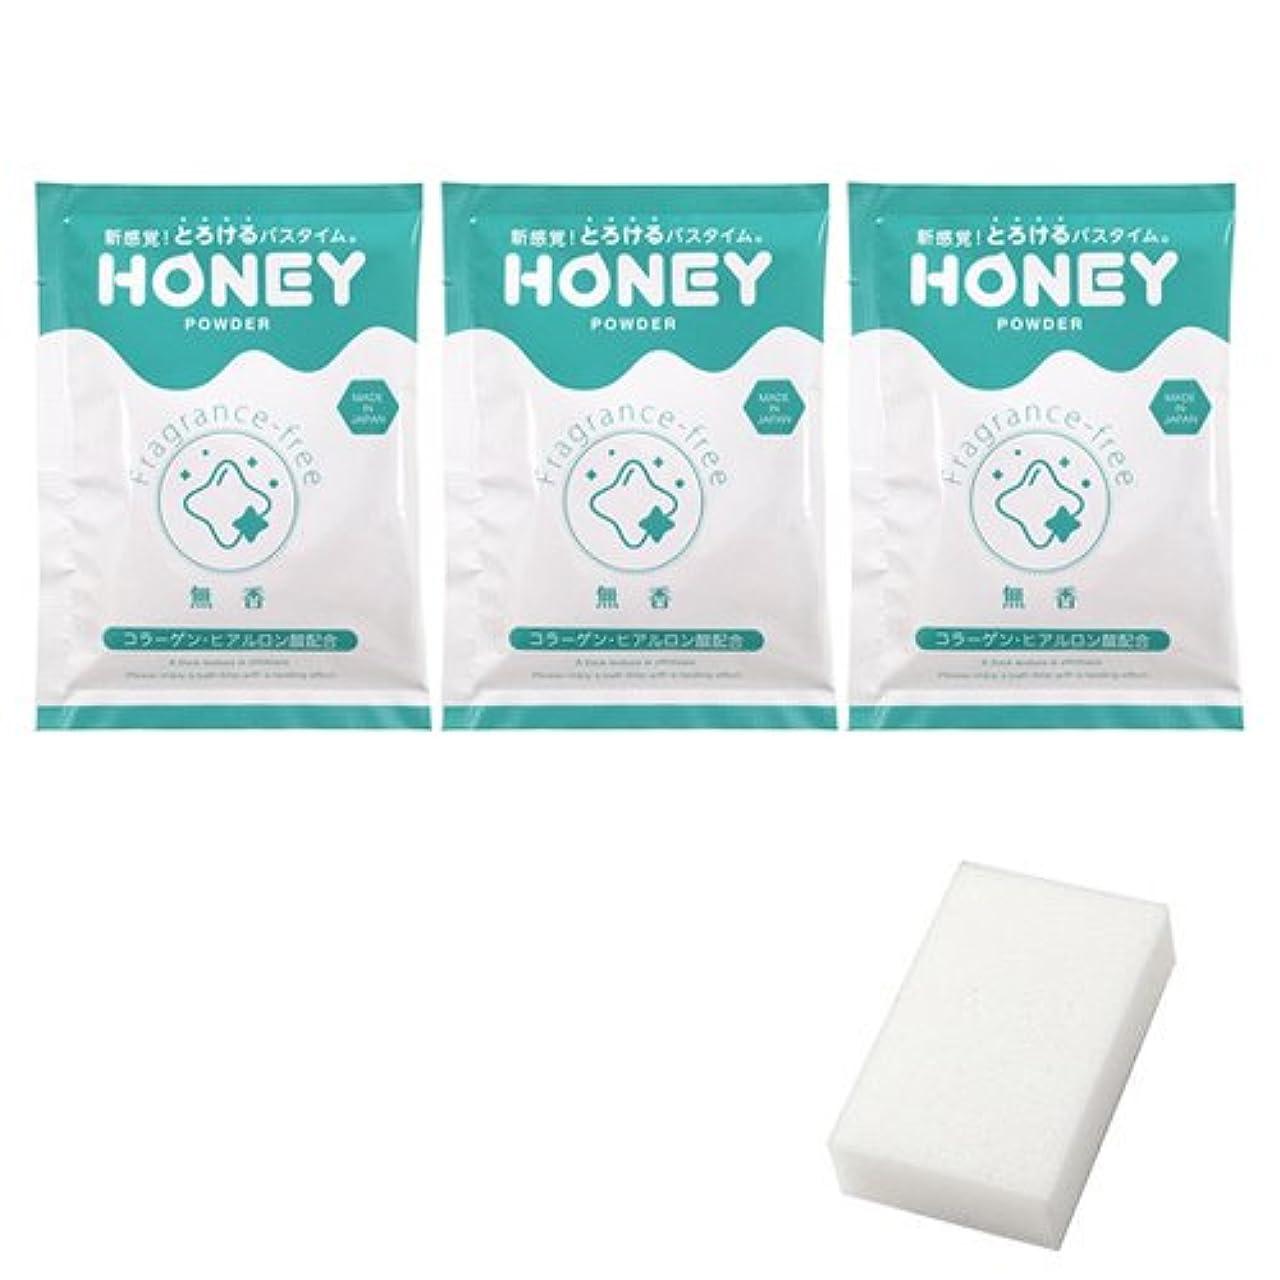 住居離れた階とろとろ入浴剤【honey powder】(ハニーパウダー) 無香タイプ 3個セット + 圧縮スポンジセット